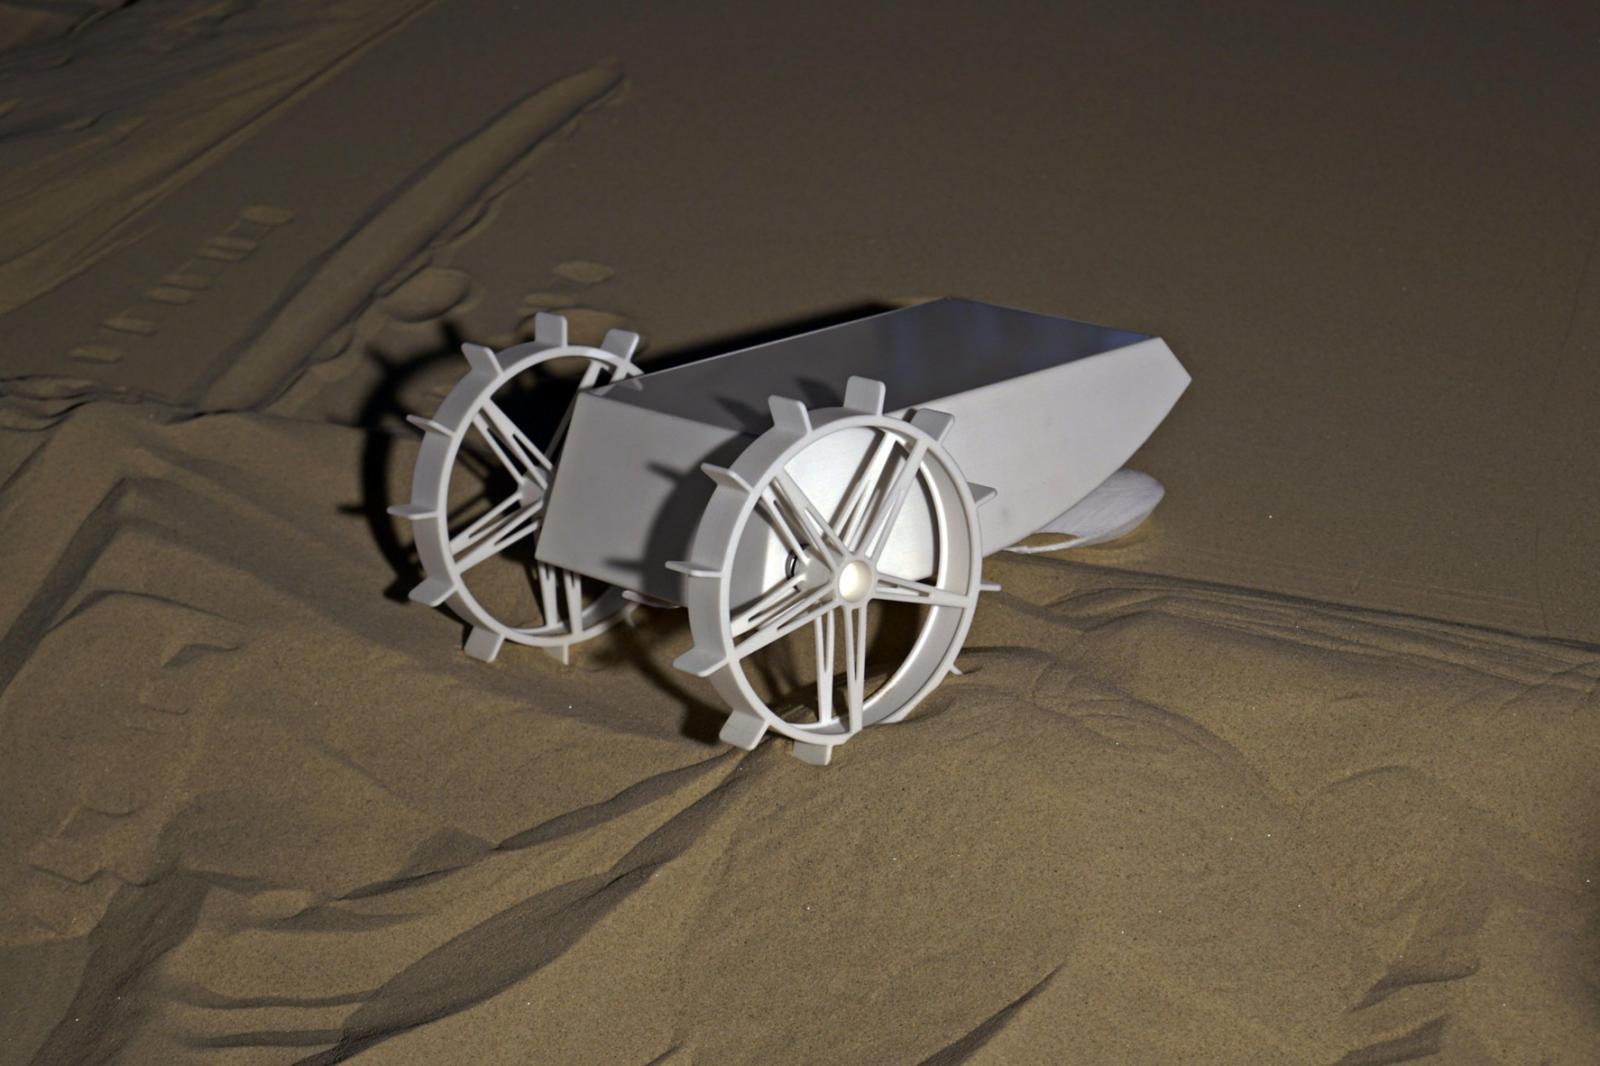 Astrobotic CubeRover